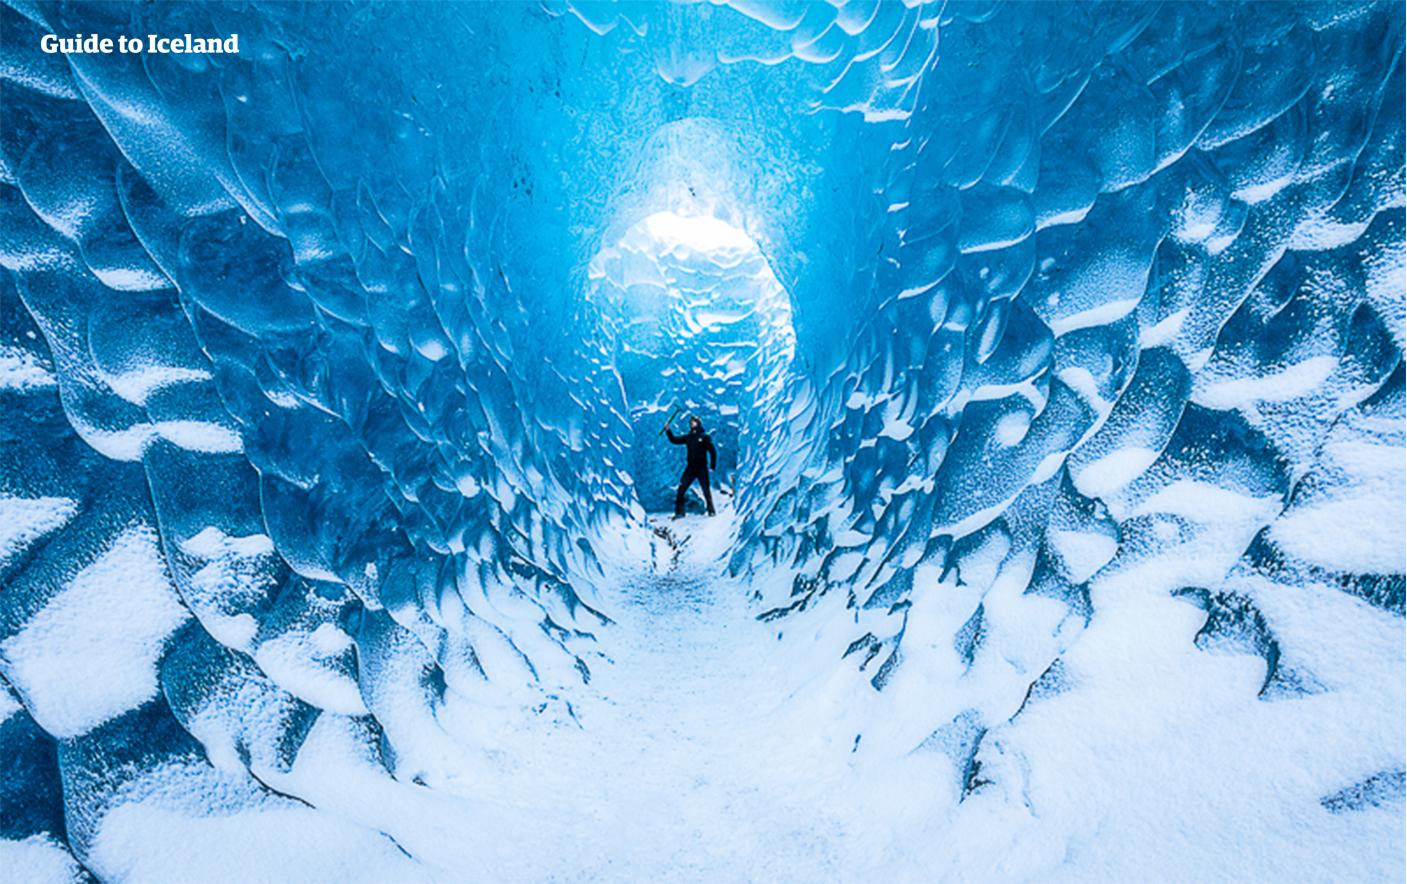 Les grottes de glace à l'intérieur des glaciers constituent une expérience inoubliable.